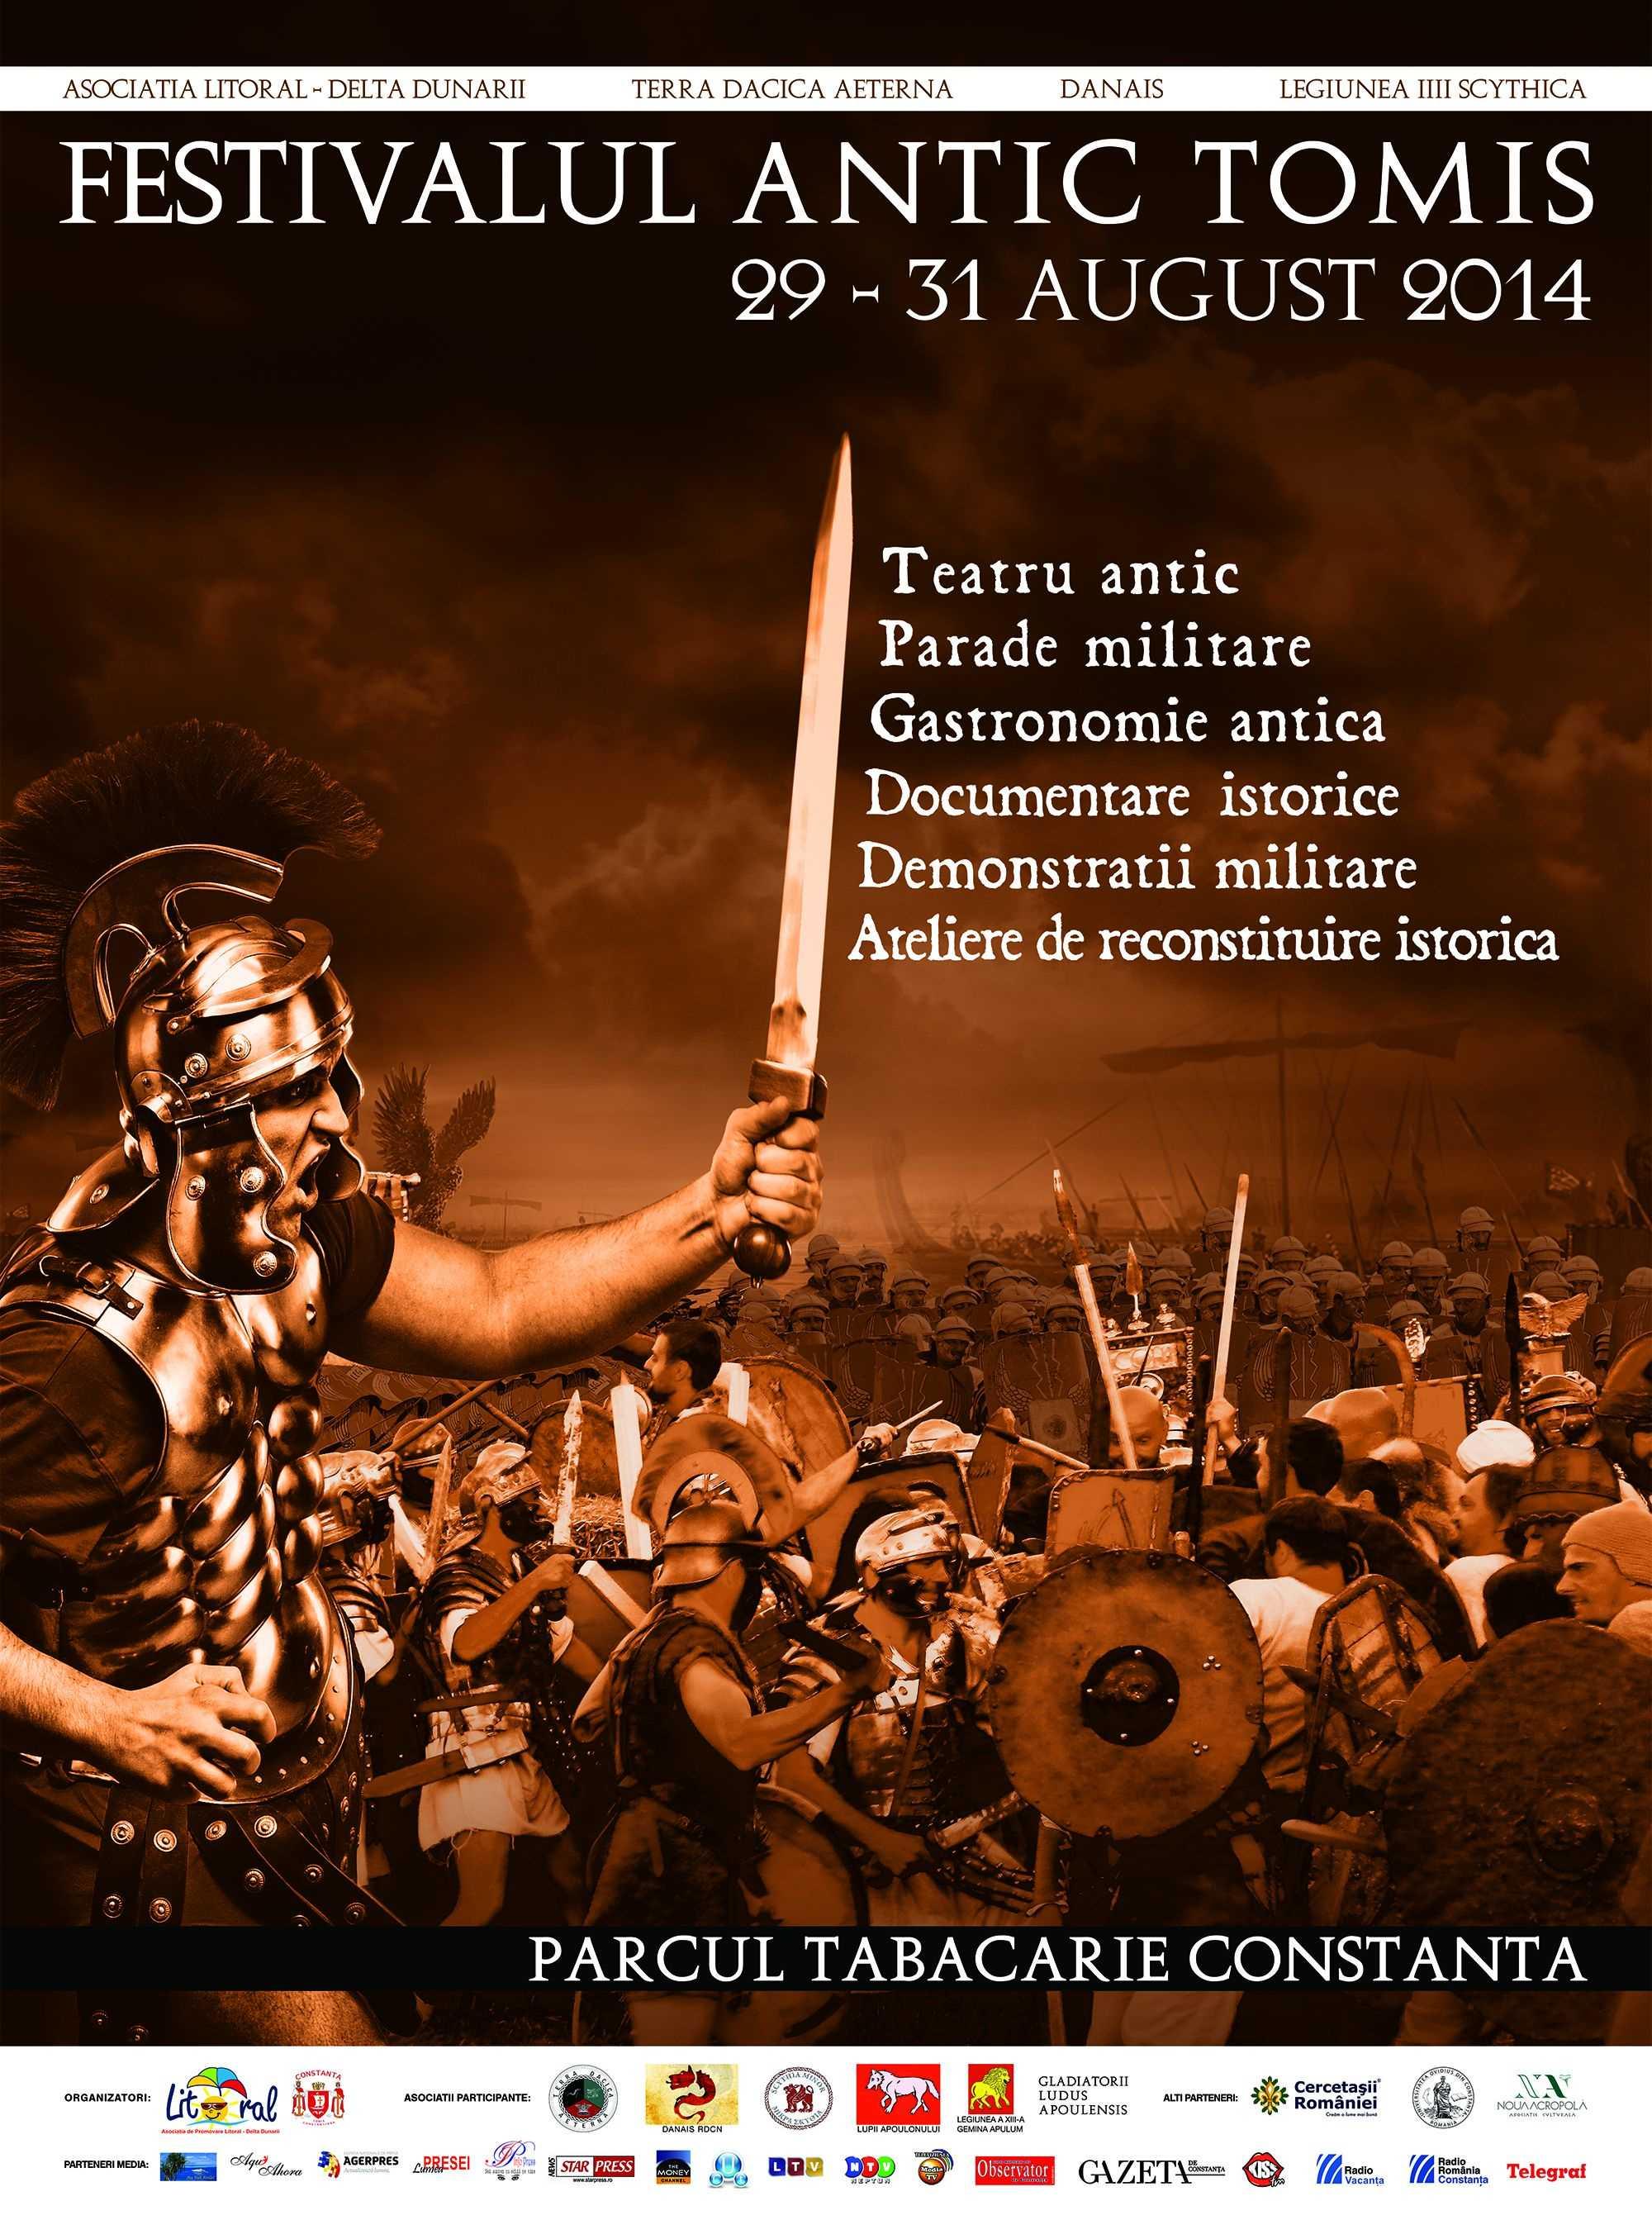 Festivalul Antic Tomis gata de start!